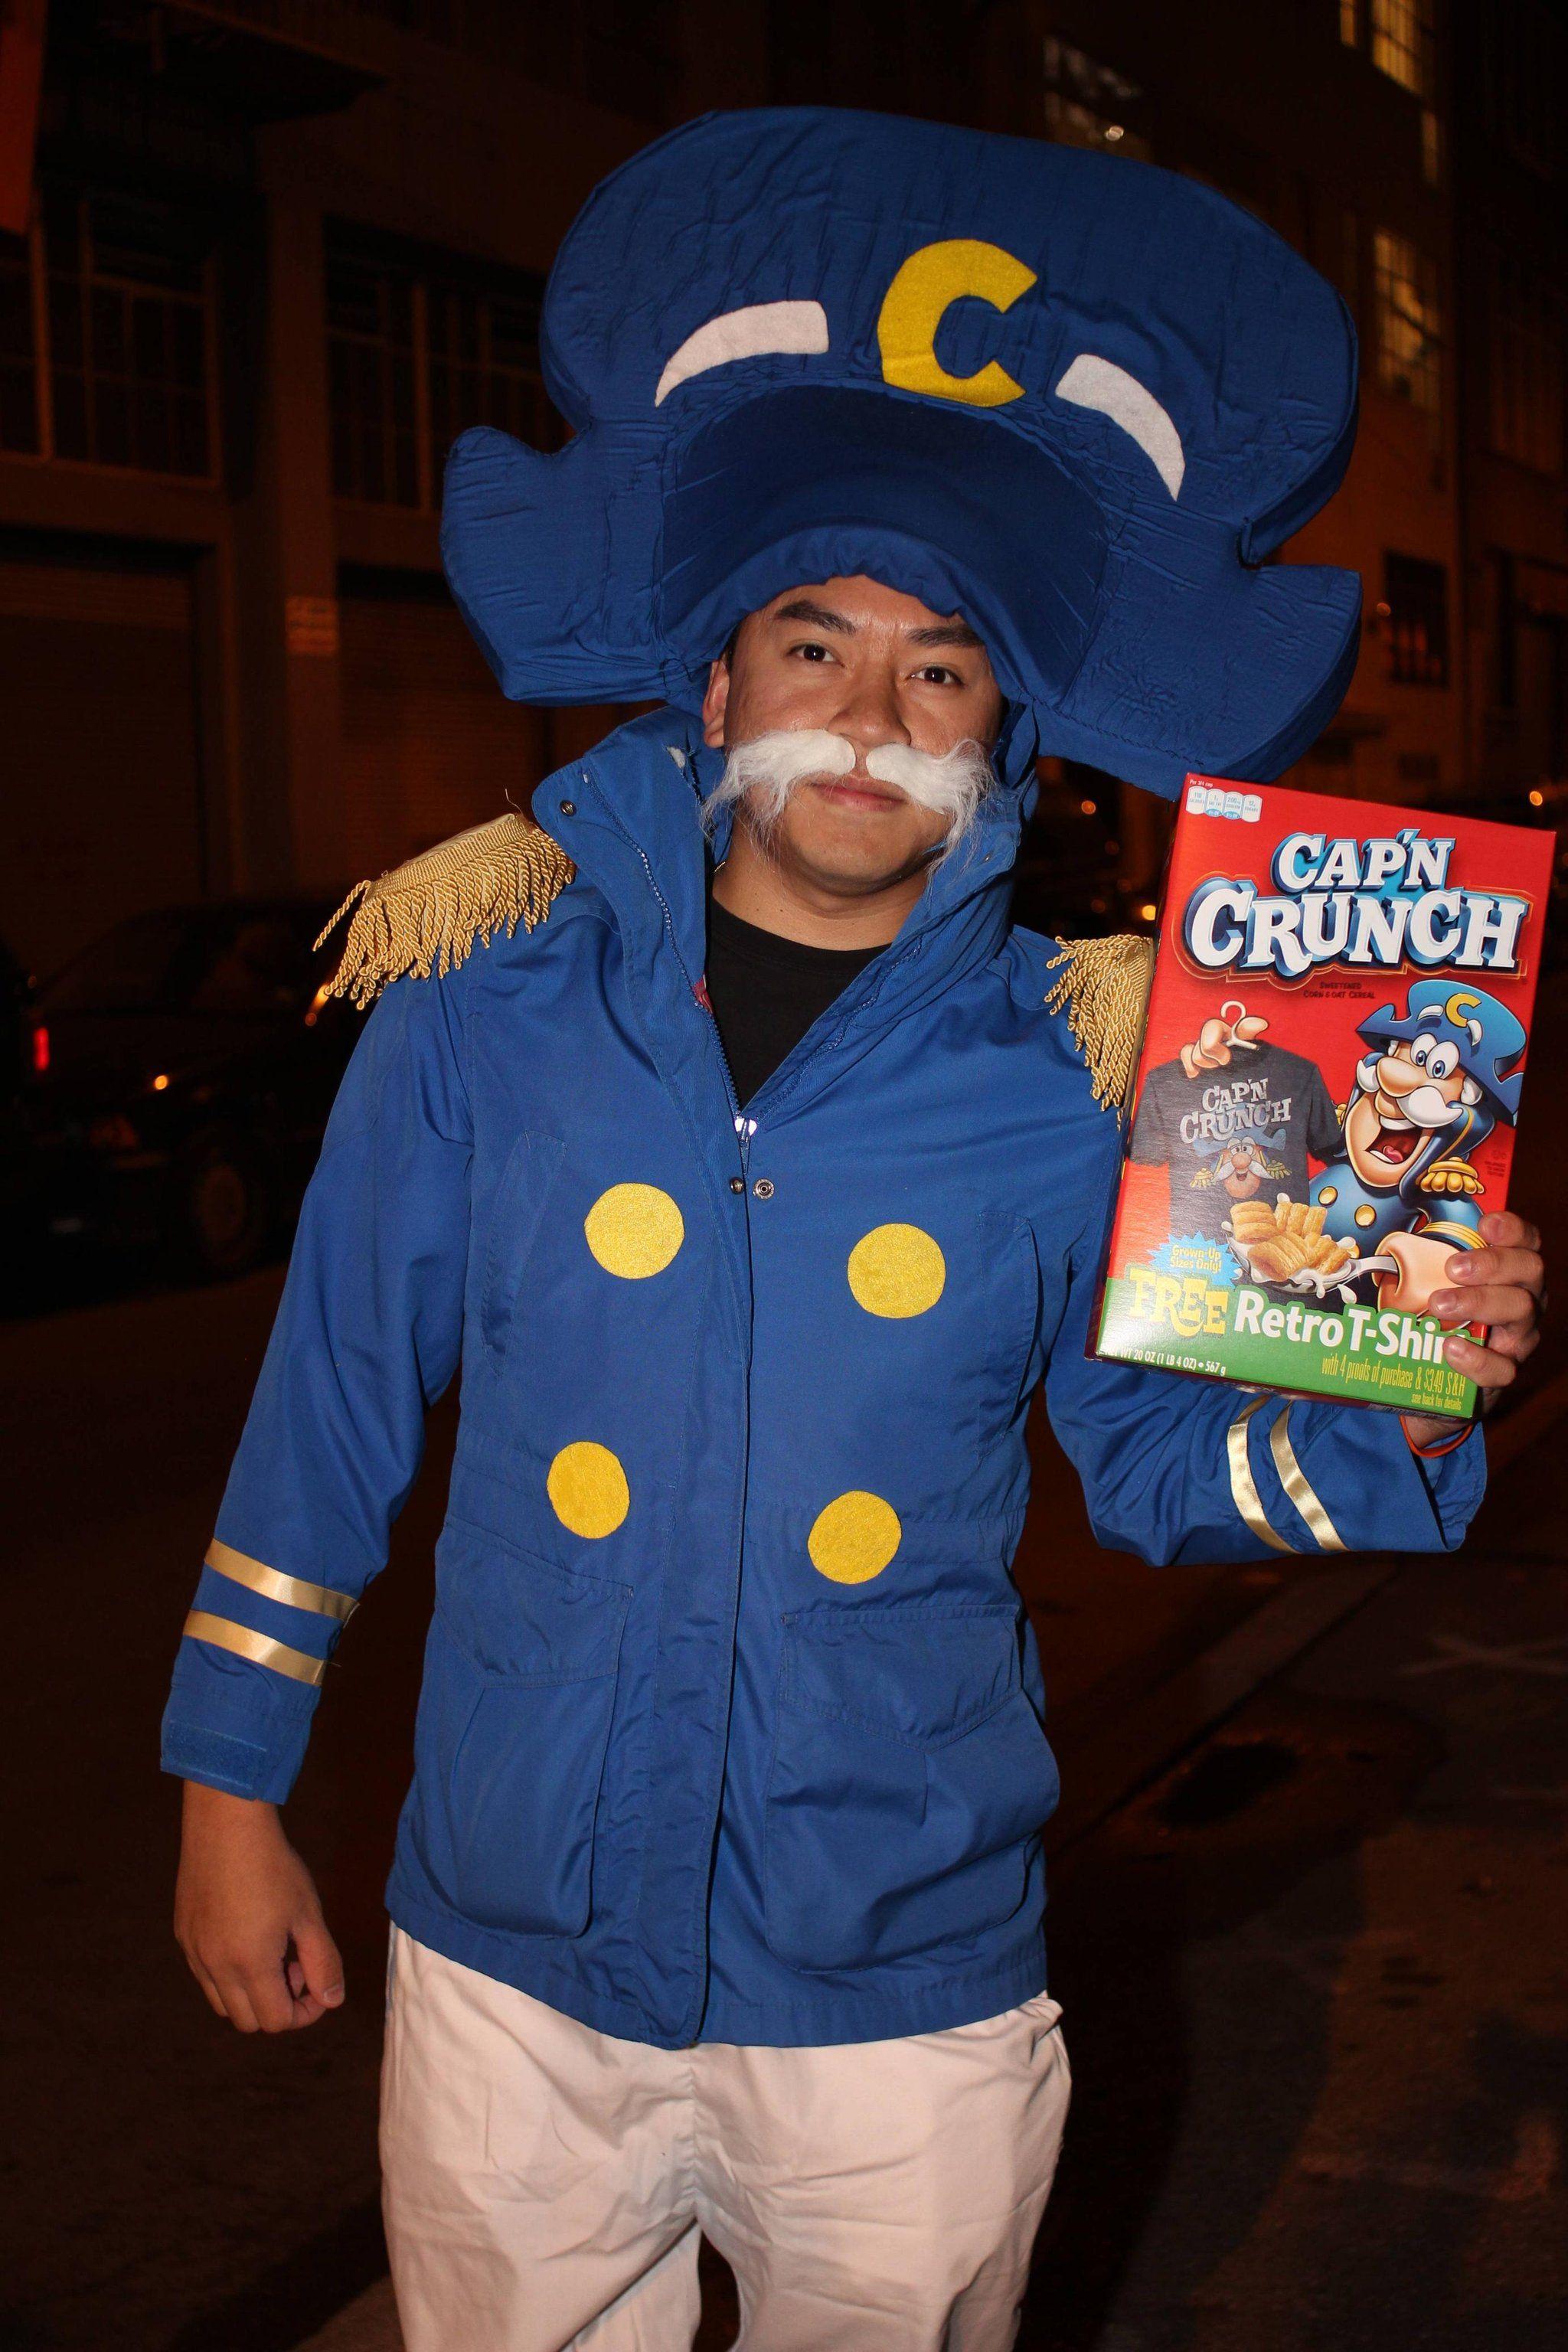 Capn crunch food halloween costumes halloween costumes